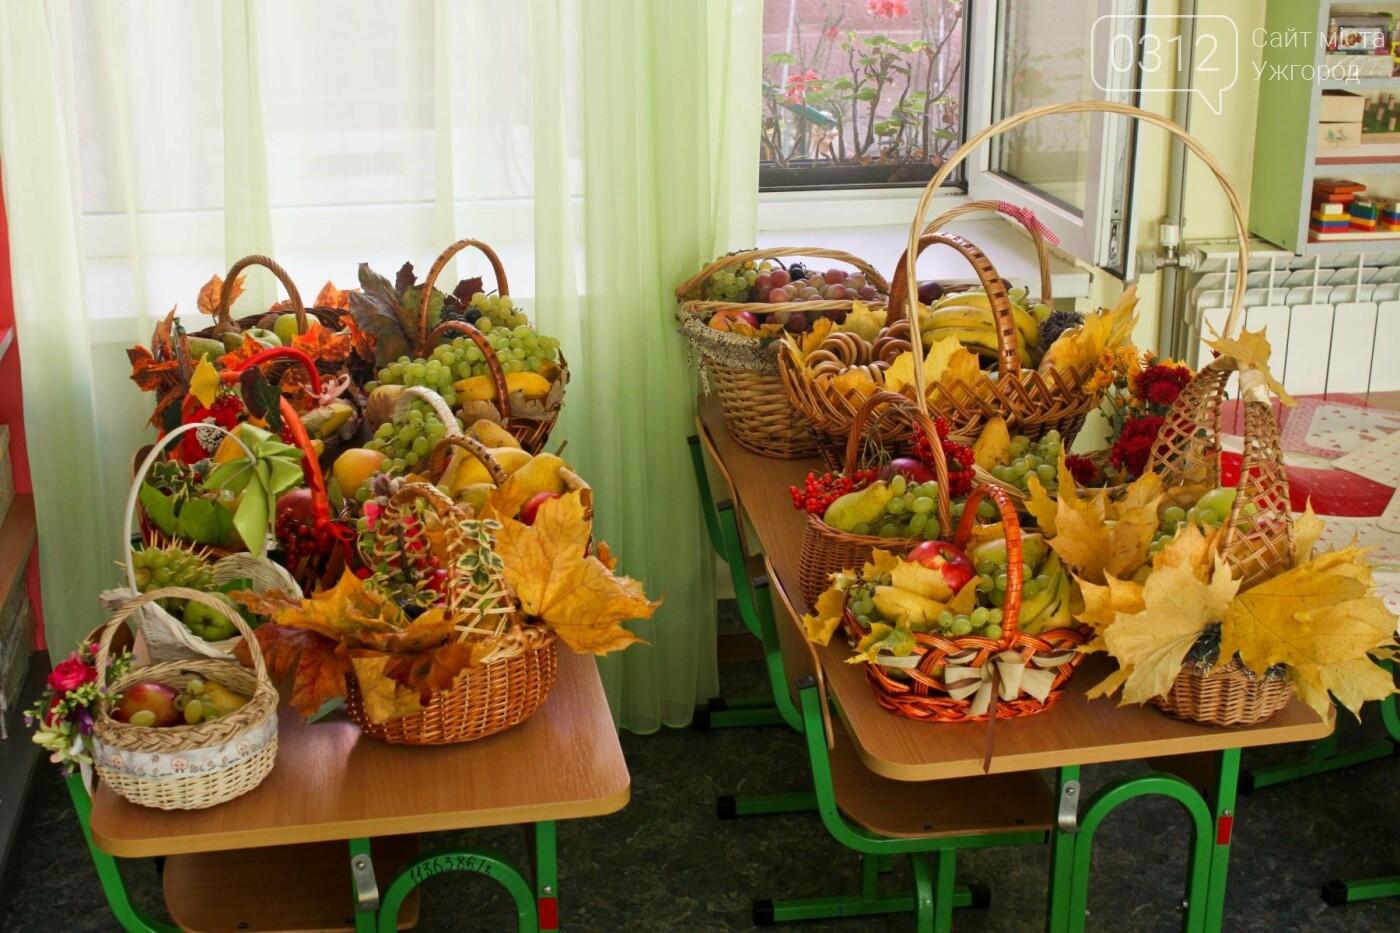 Чи тепло в приміщенні ужгородських дитсадків: фоторепортаж, фото-10